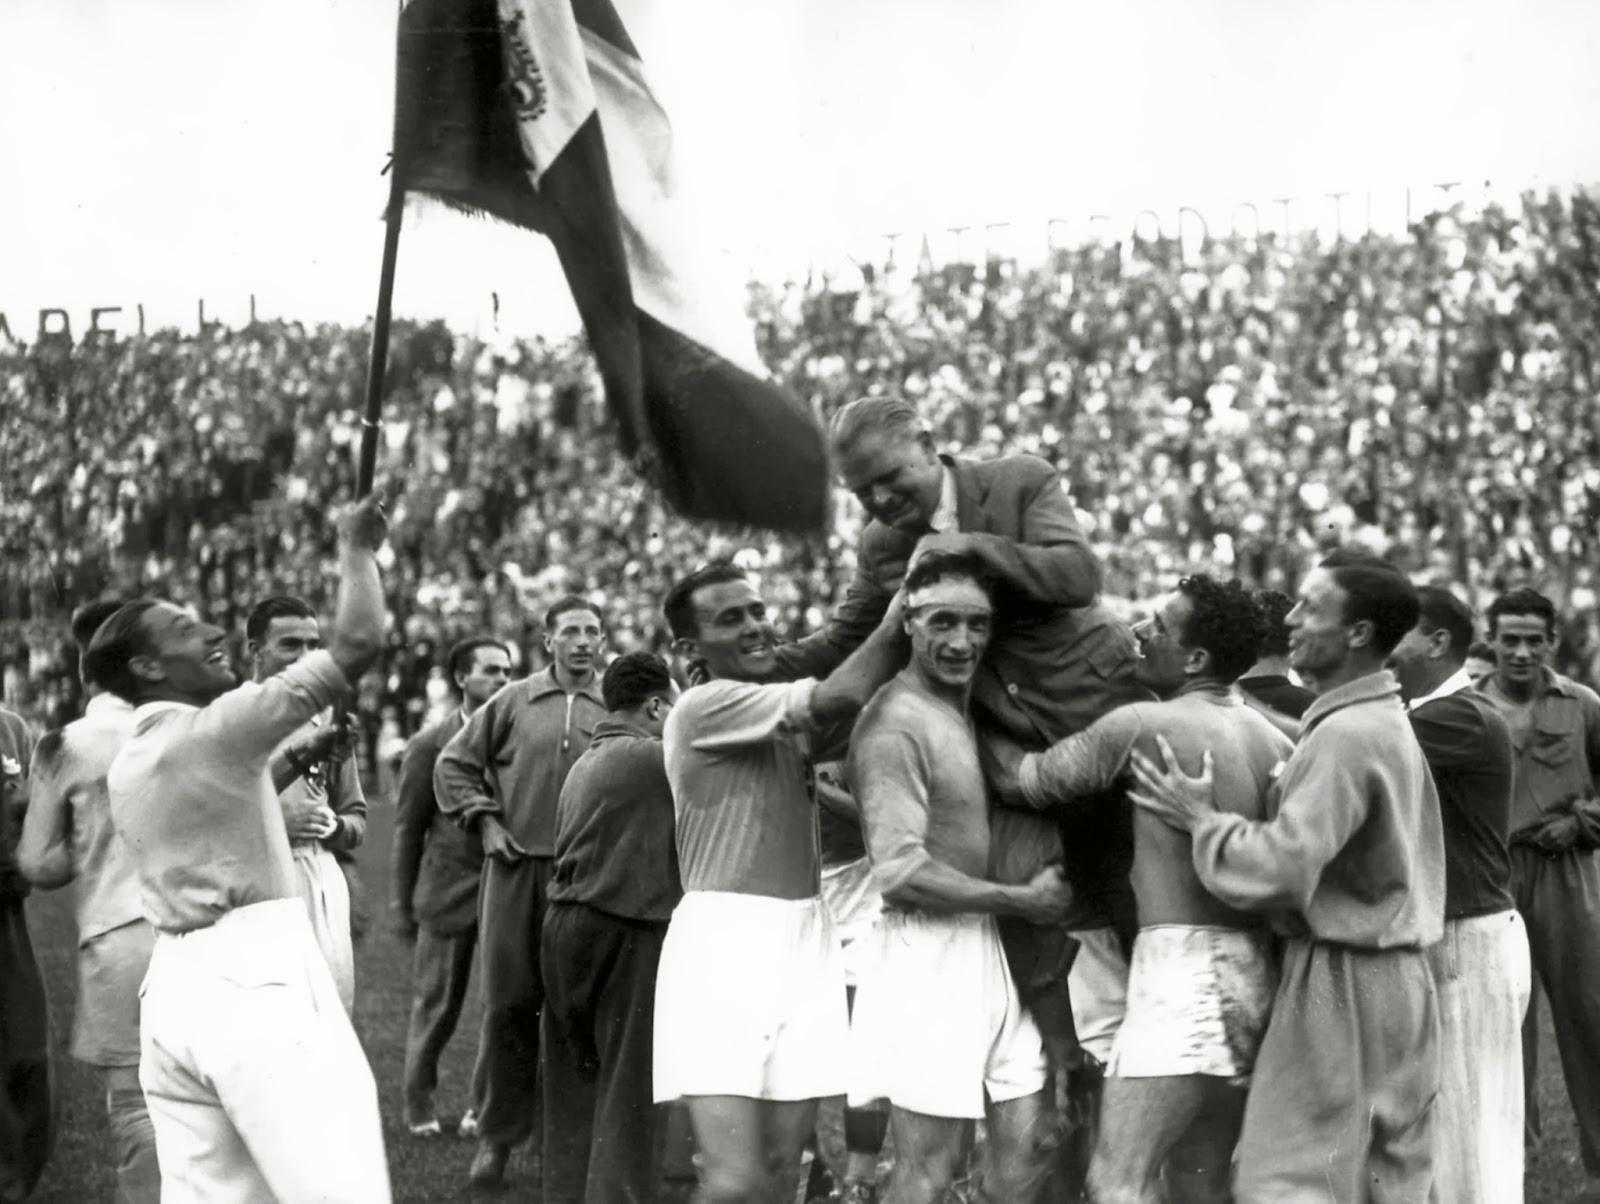 La prima importante vittoria italiana nel campionato del mondo 1934